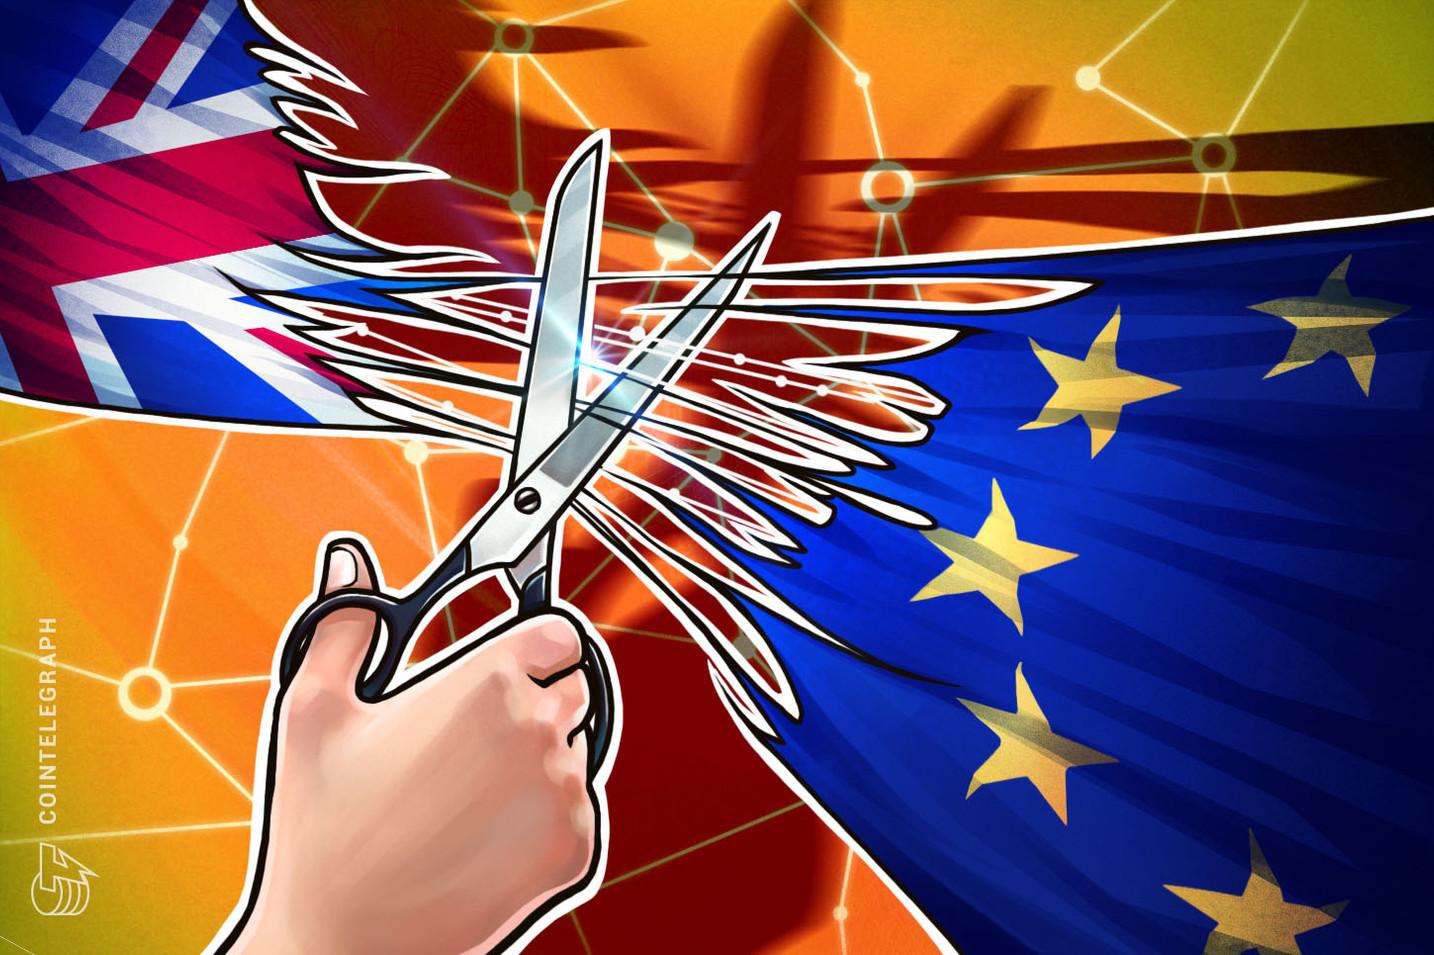 Blockchain.com運営の仮想通貨取引所、英ポンドのサポート開始 ブレグジット懸念で「記録的な入金」【ニュース】